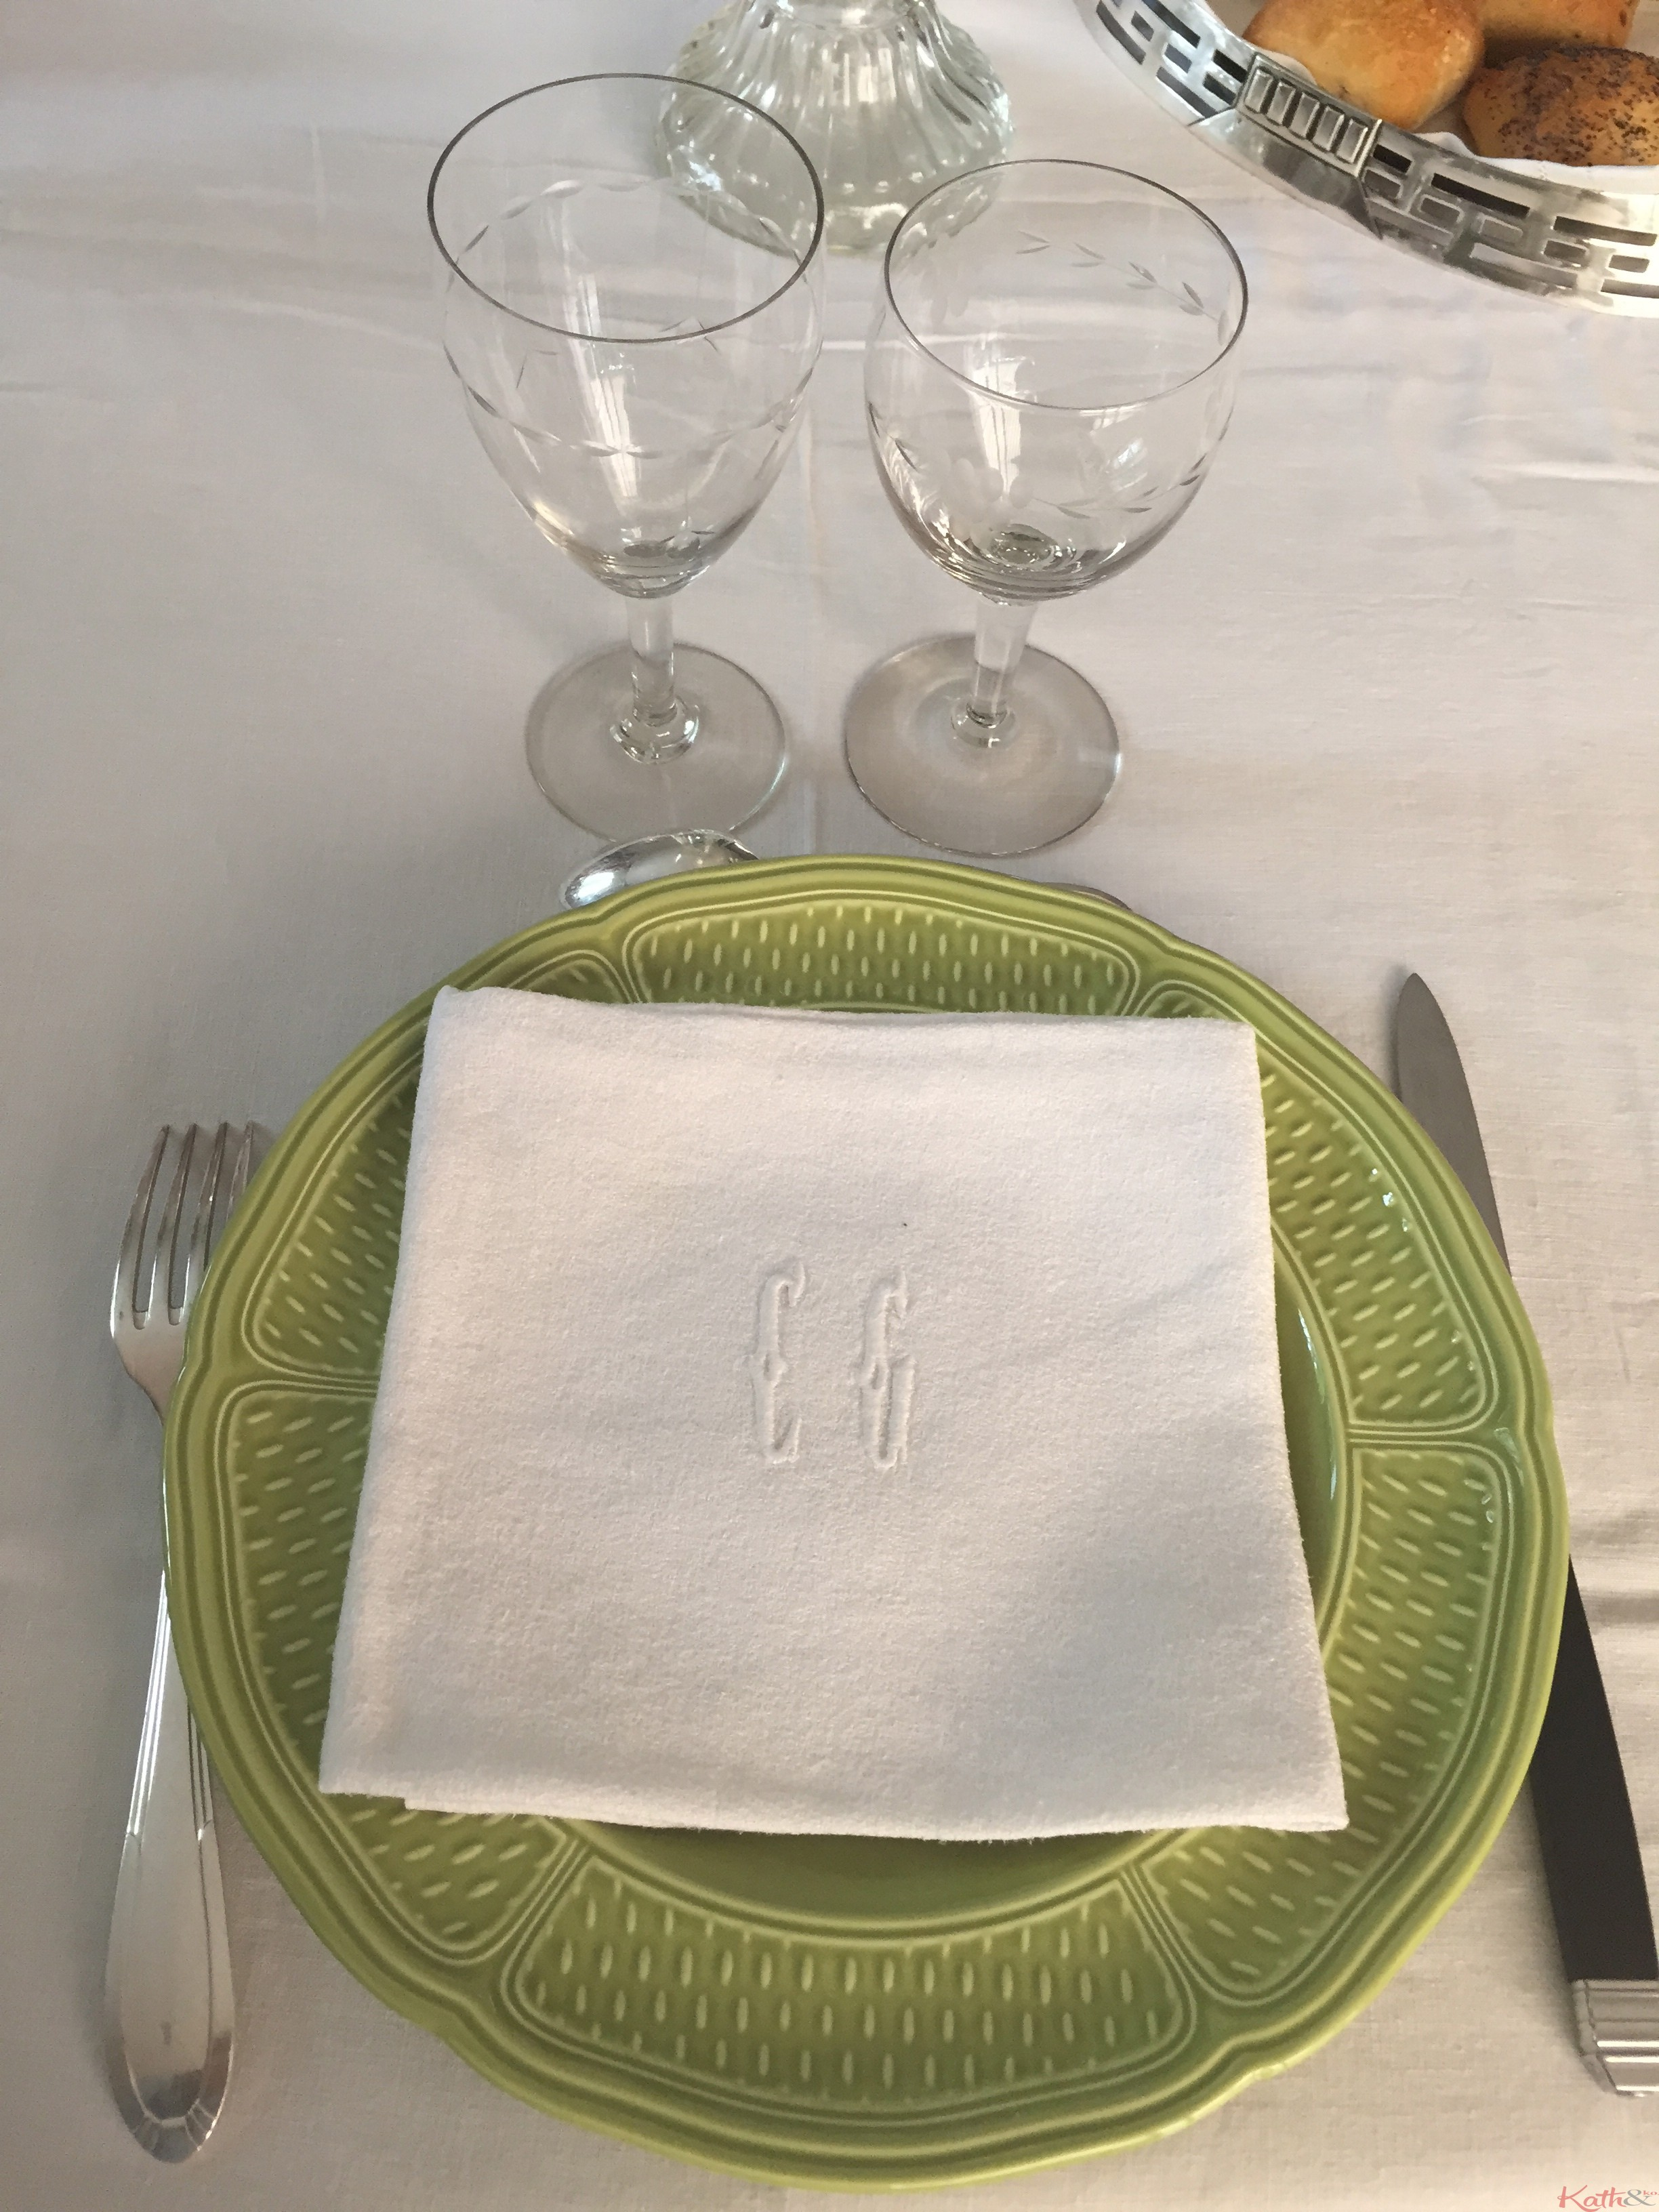 Comment dresser une table la fran aise kath n ko - Comment brancher une table a induction ...